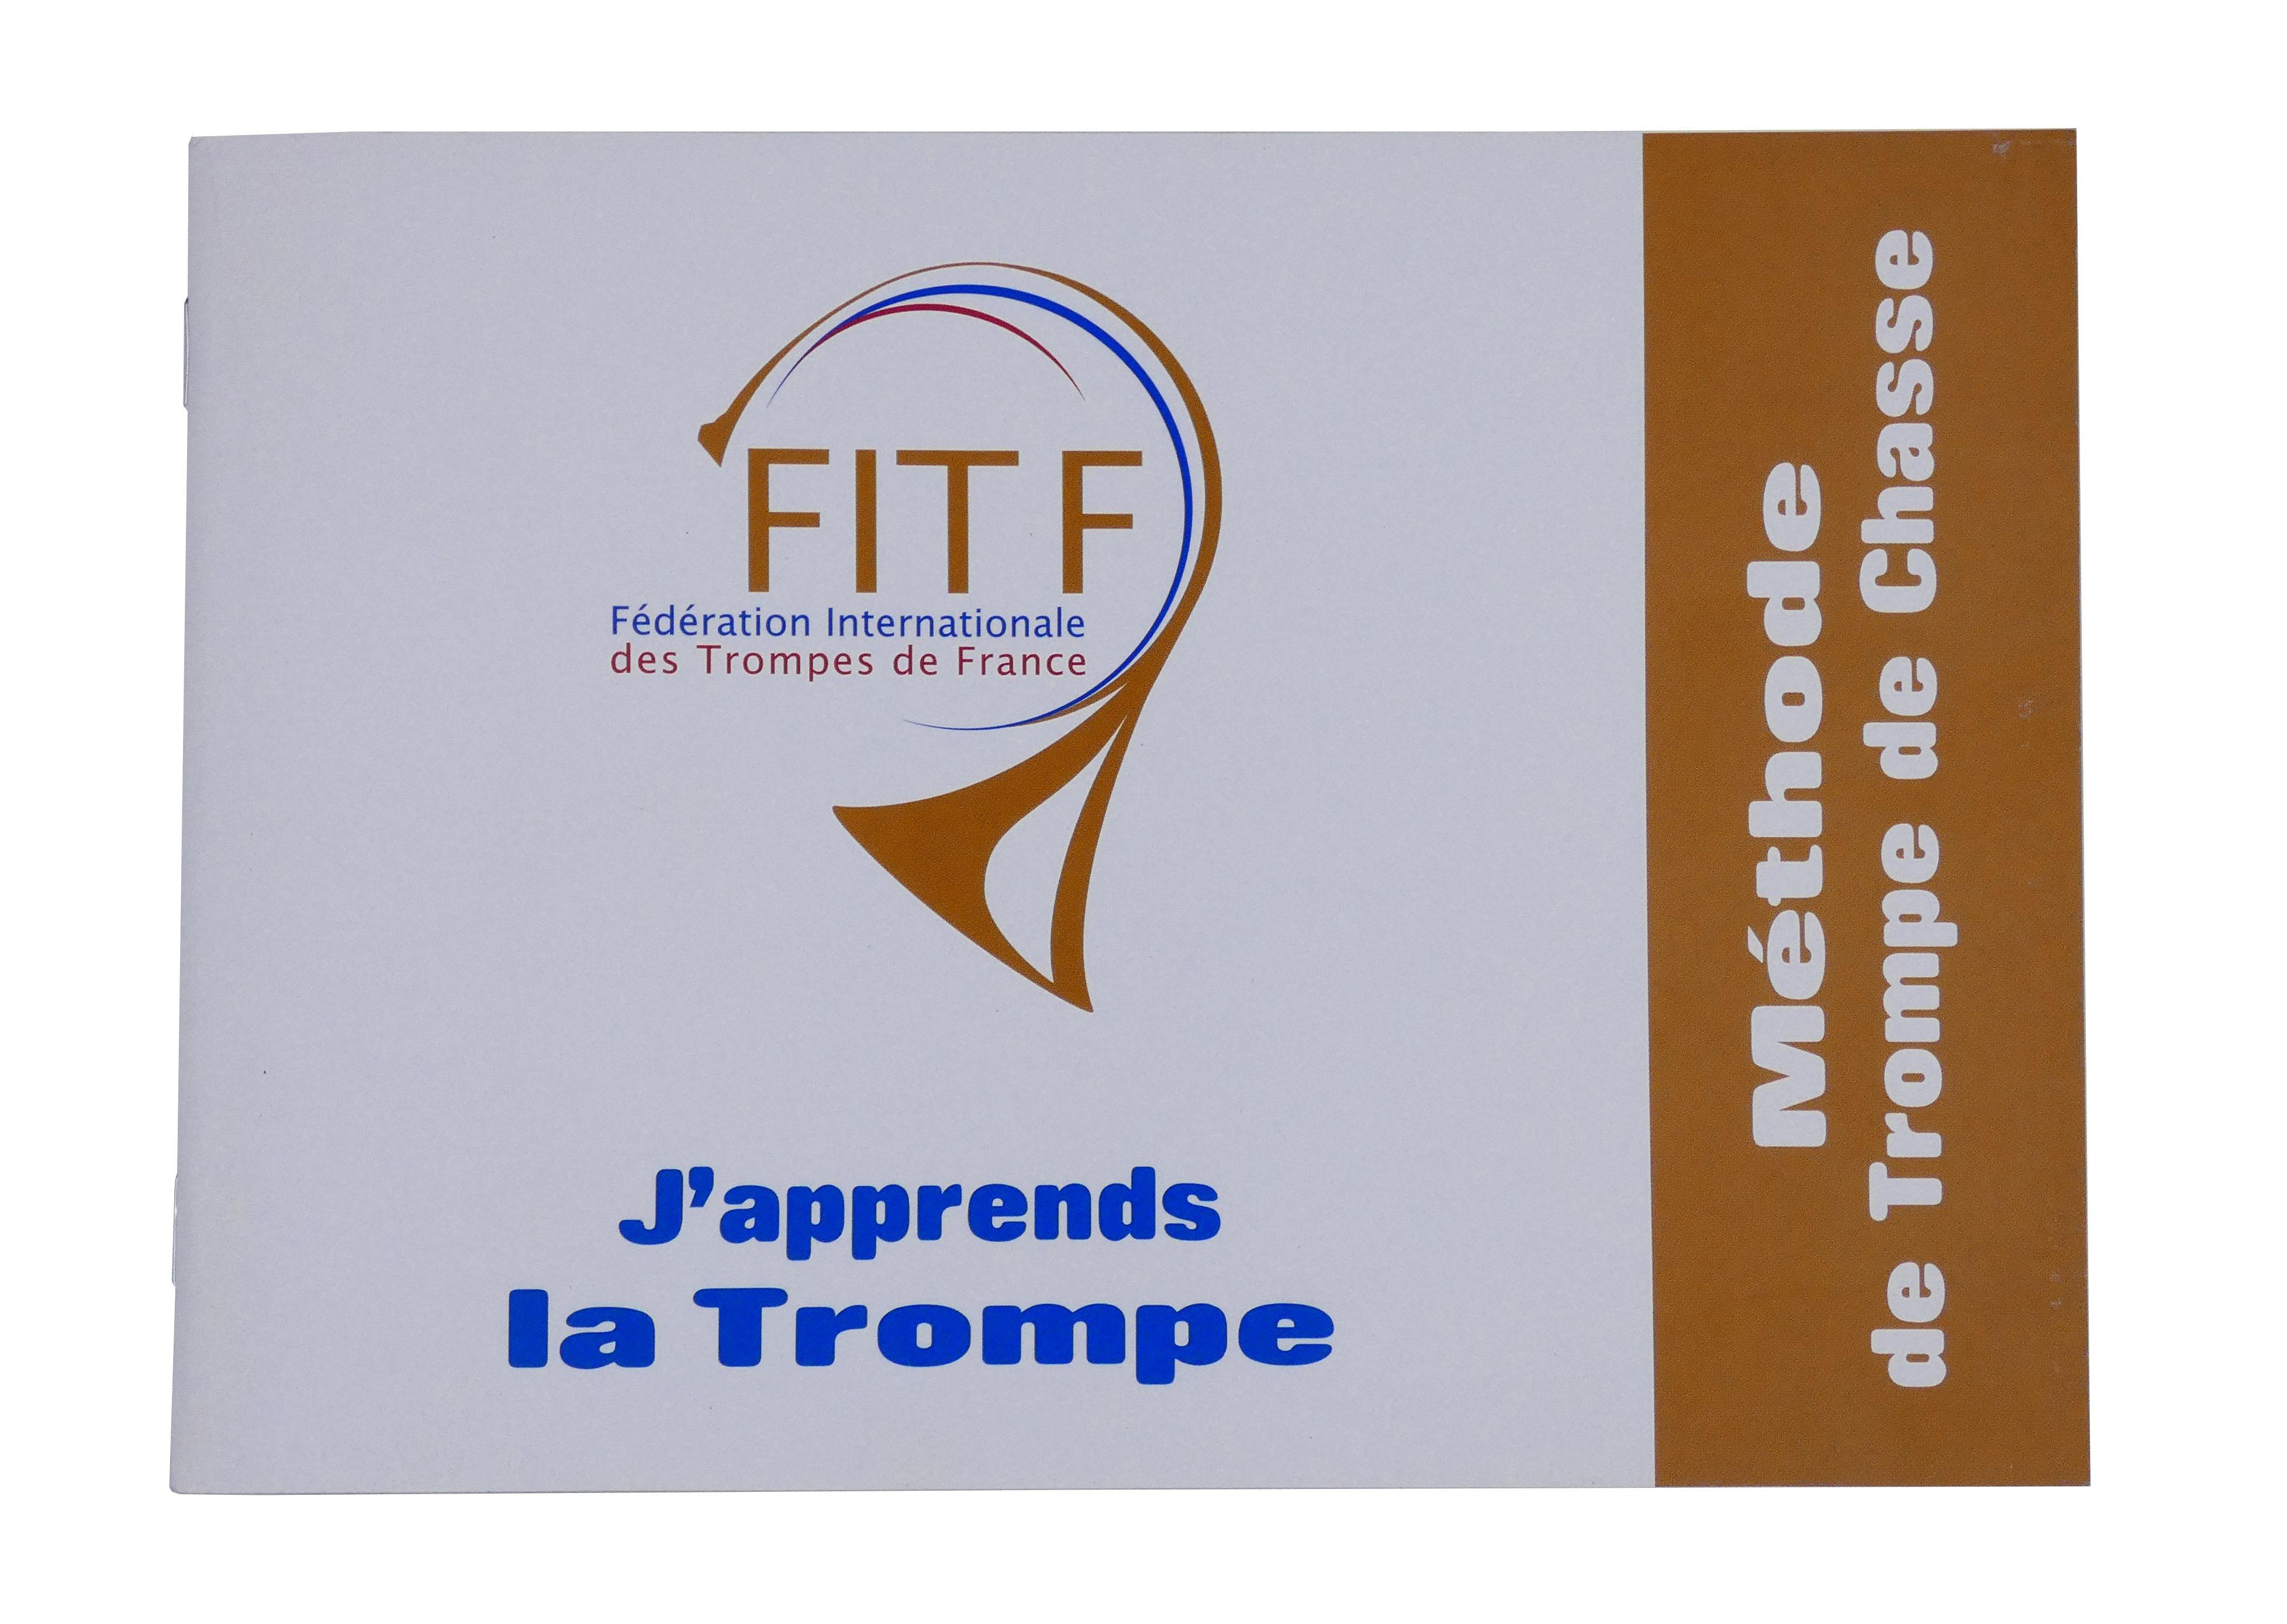 Livre Trompe de France Fanfares de chasse - Manuel : j'apprends la trompe